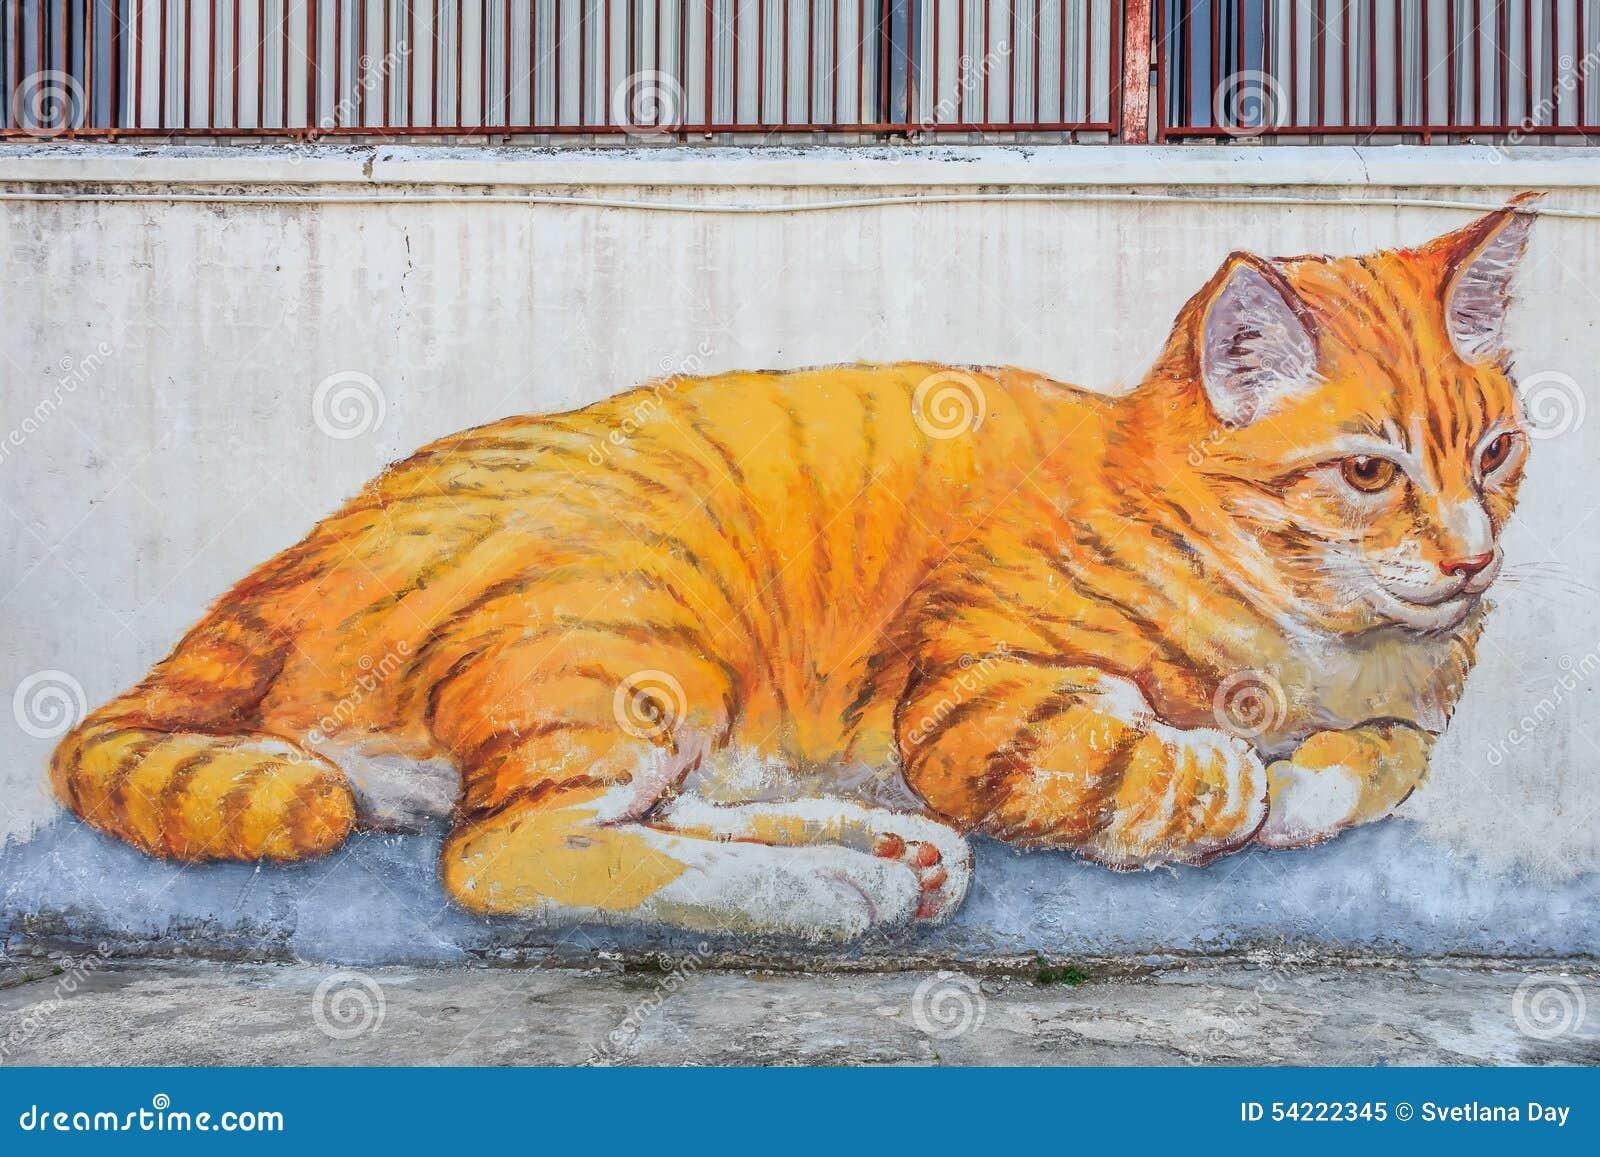 Penang cat mural editorial image image 54222345 for Mural 1 malaysia negaraku